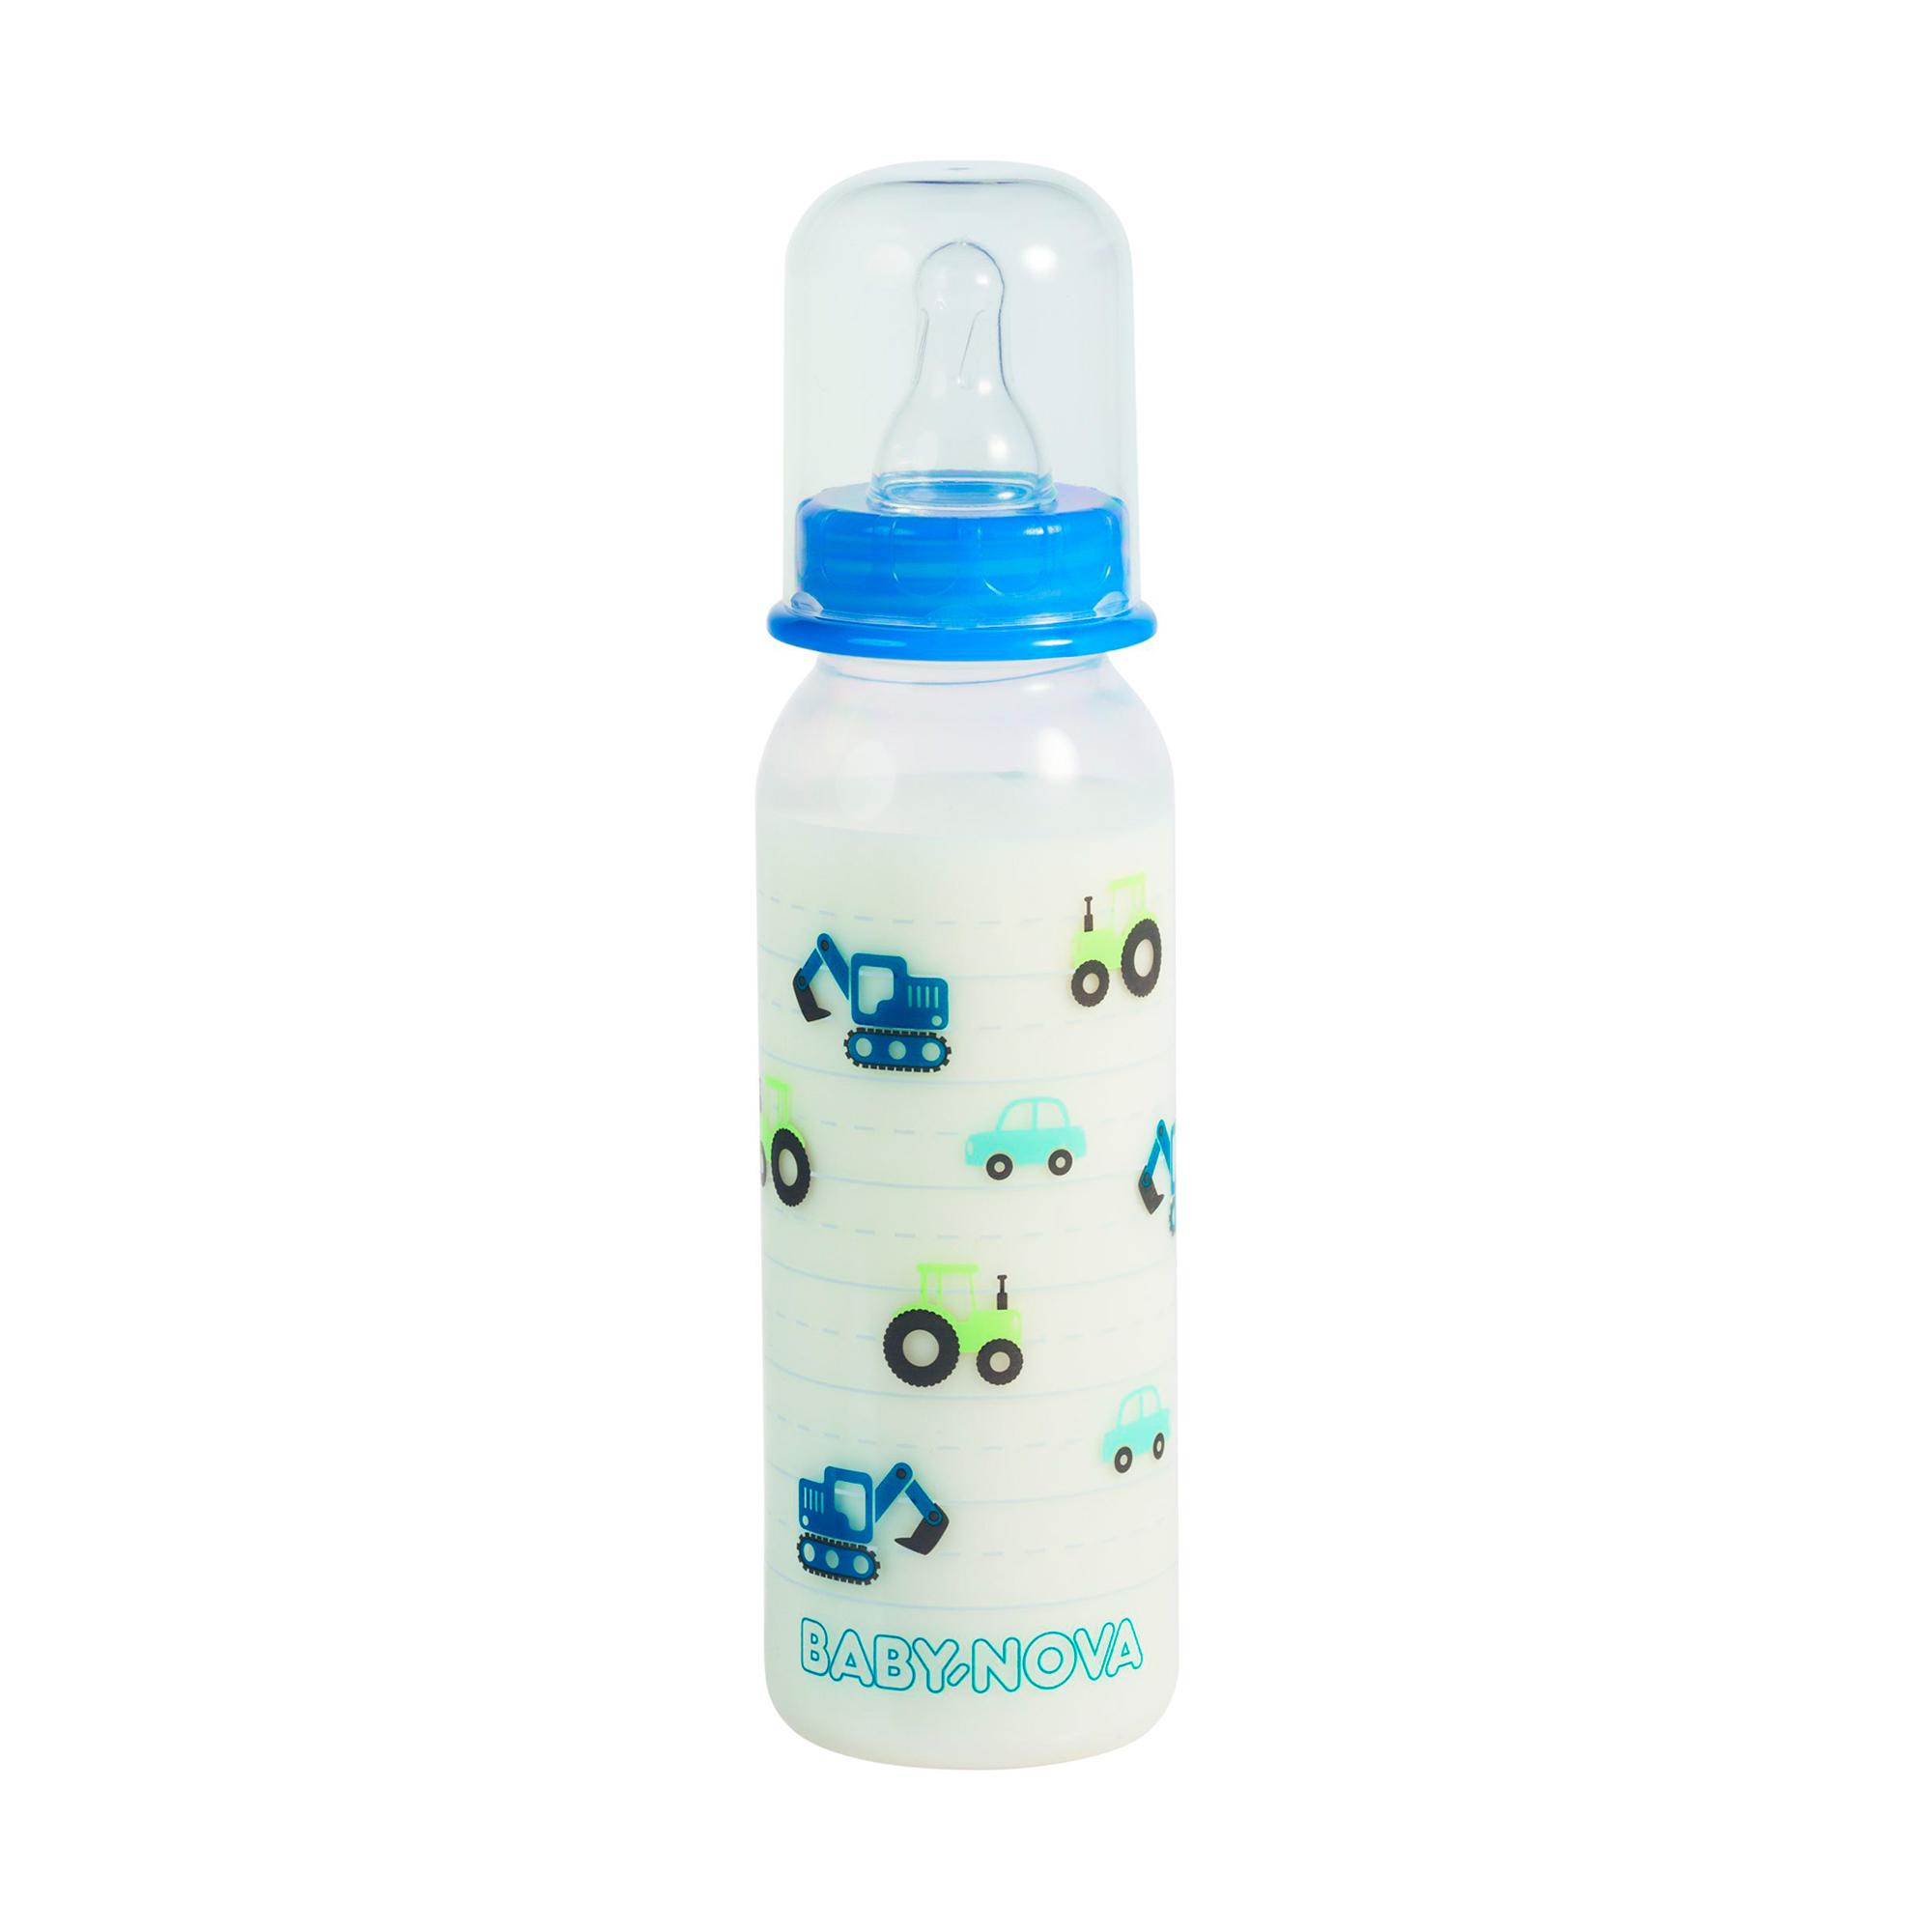 Купить Бутылка Baby-Nova Обезьяна (Мальчик) 250мл